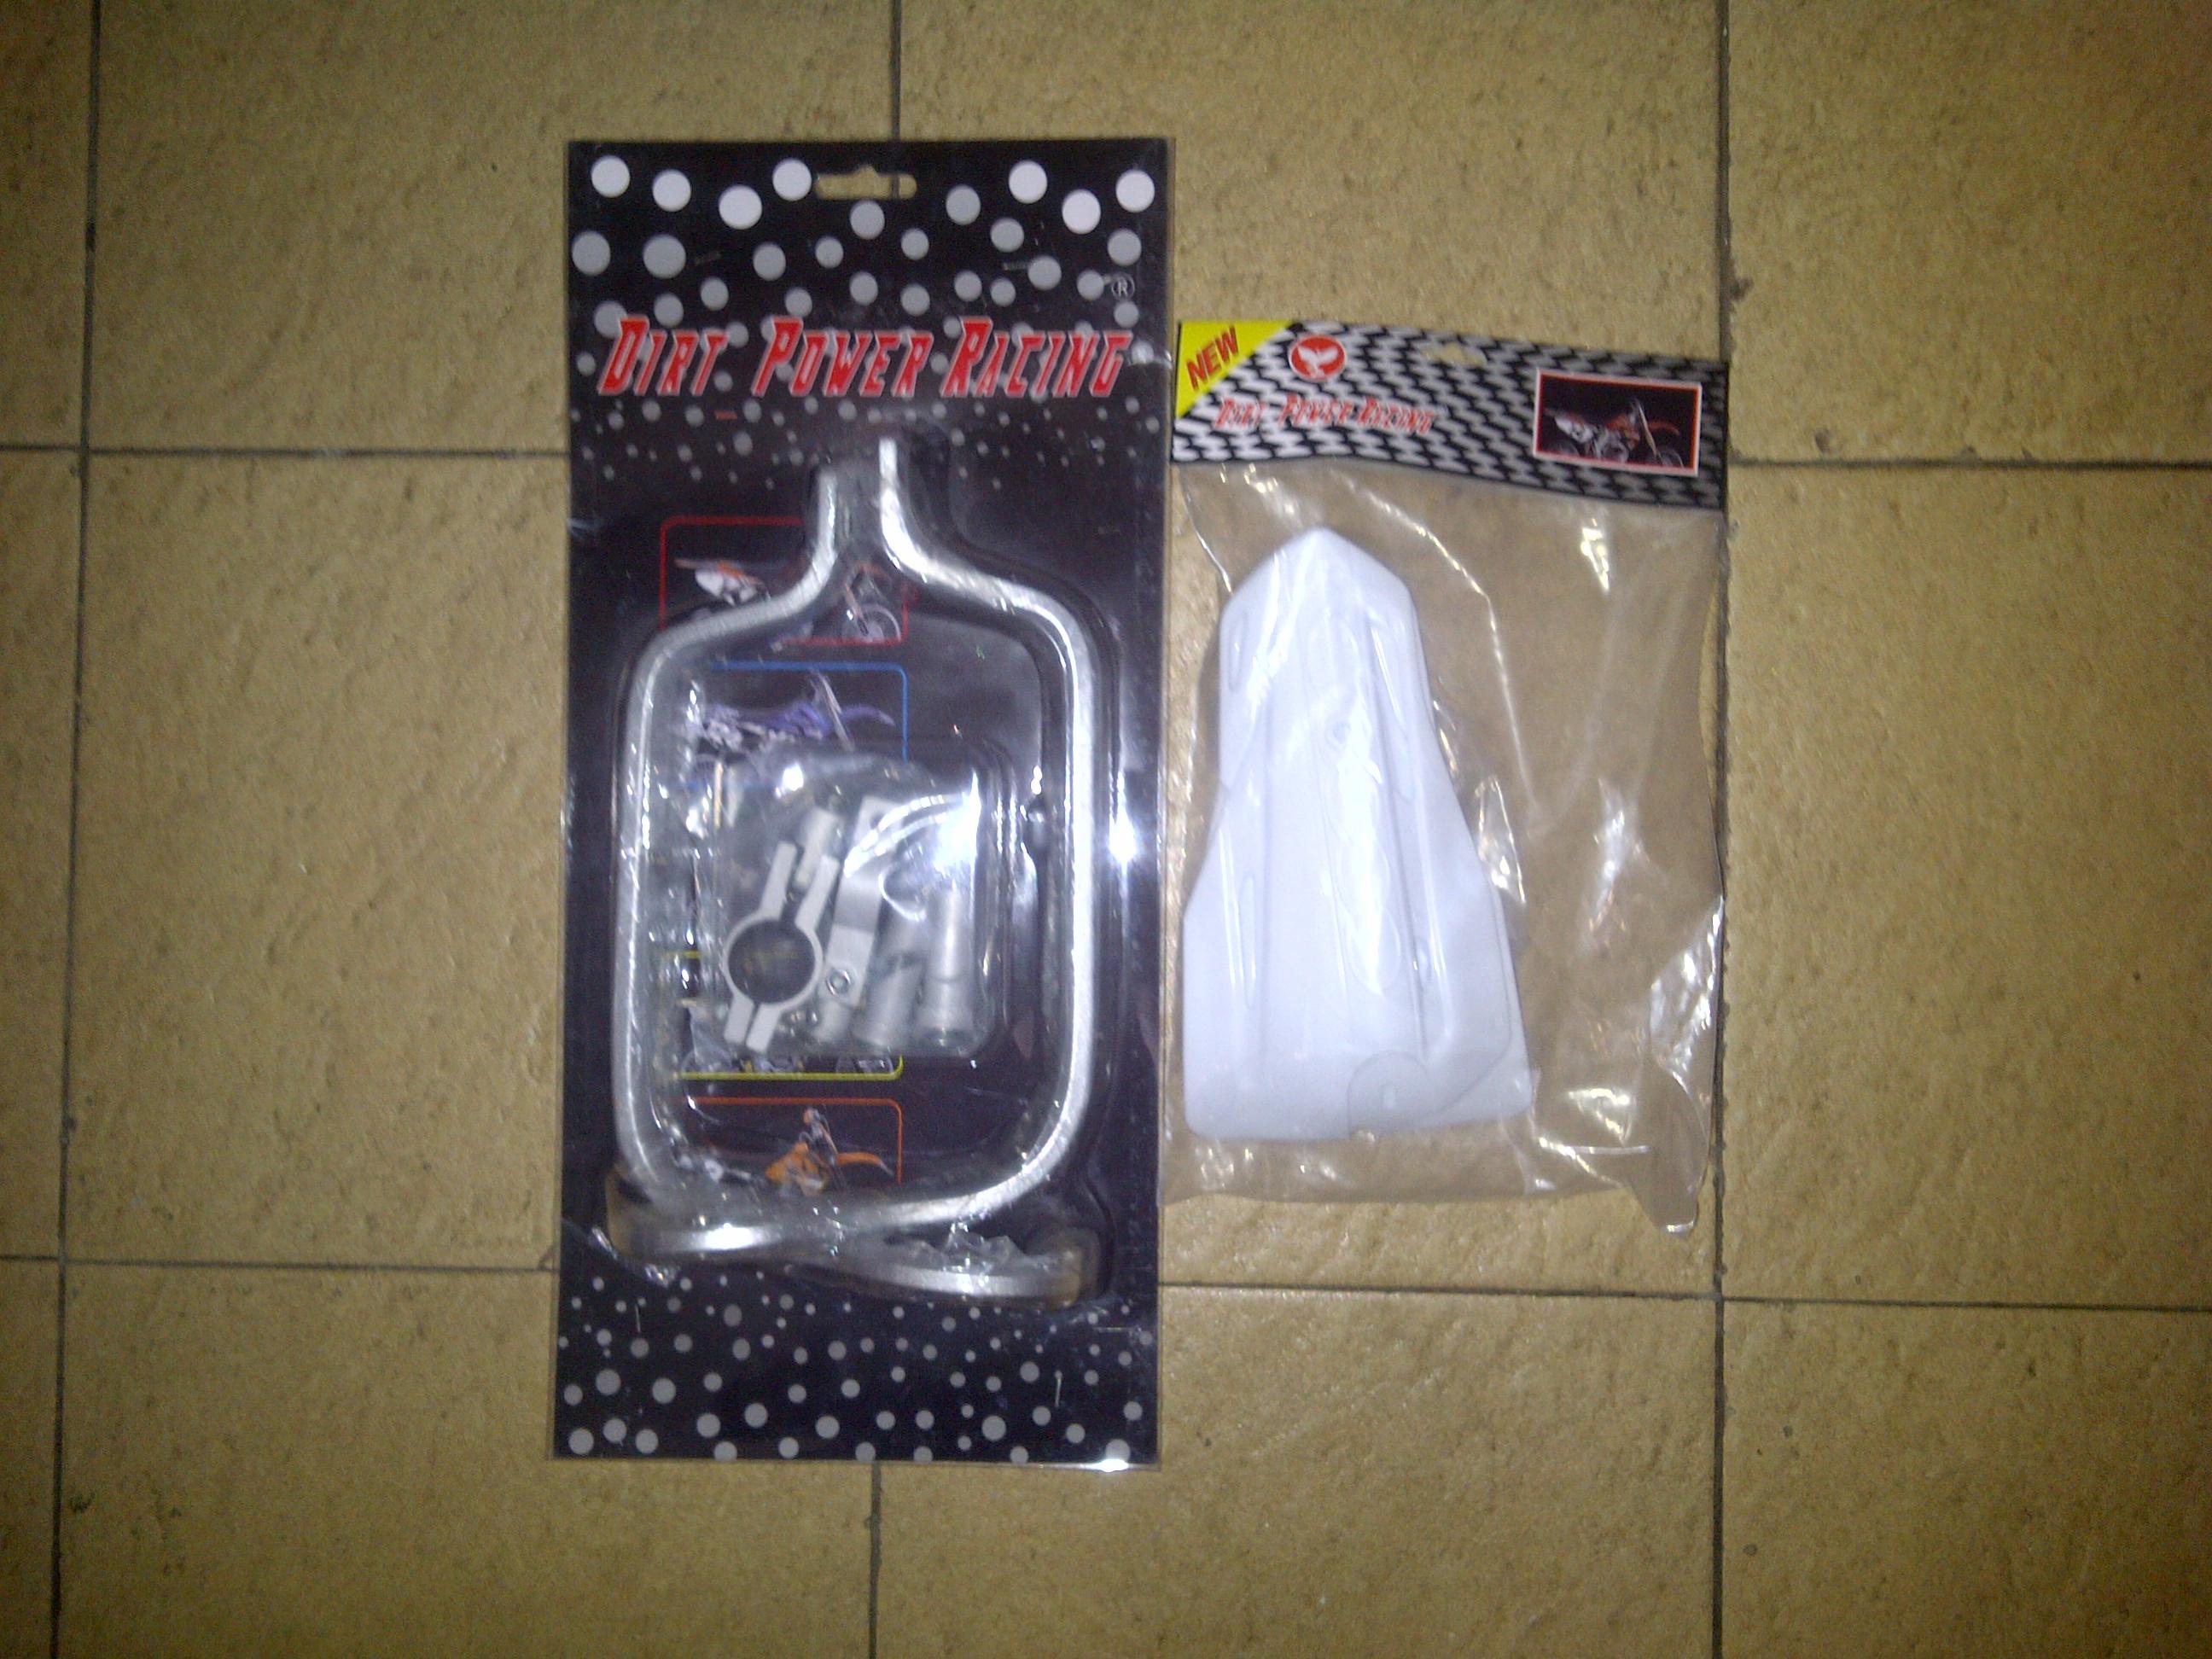 Kebon Jeruk 20130708 00548 Jual handguard dirt power racing